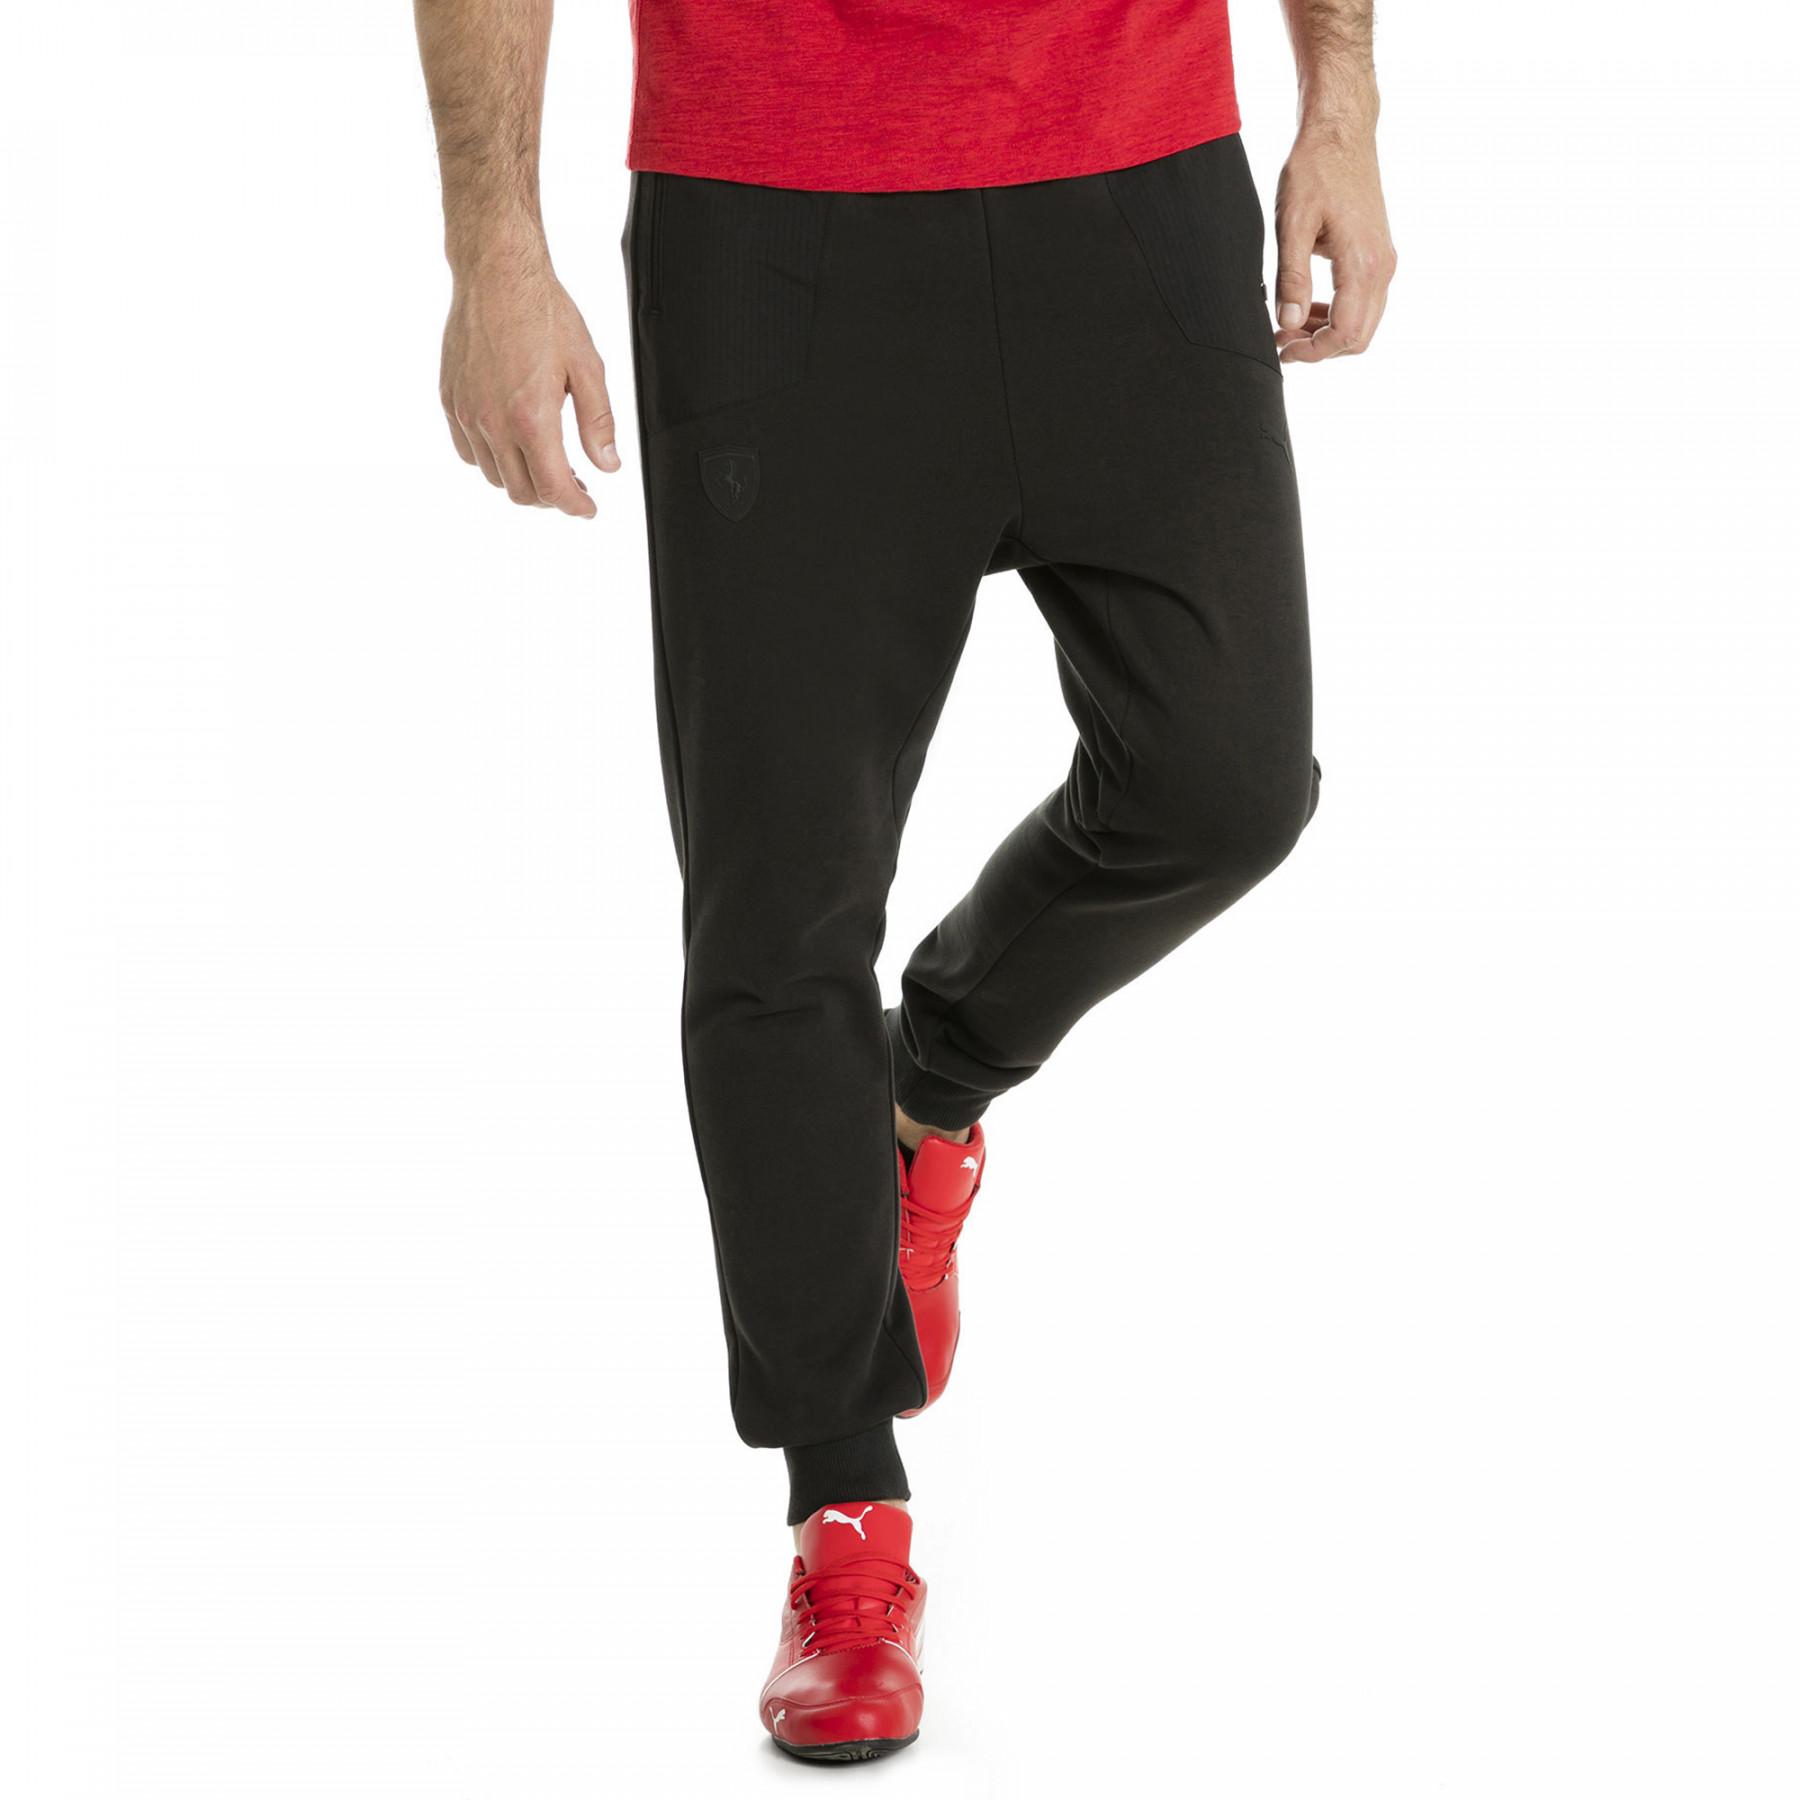 e4516e932 Ferrari Sweat Pt Pantalon Survêtement Homme PUMA NOIR pas cher ...